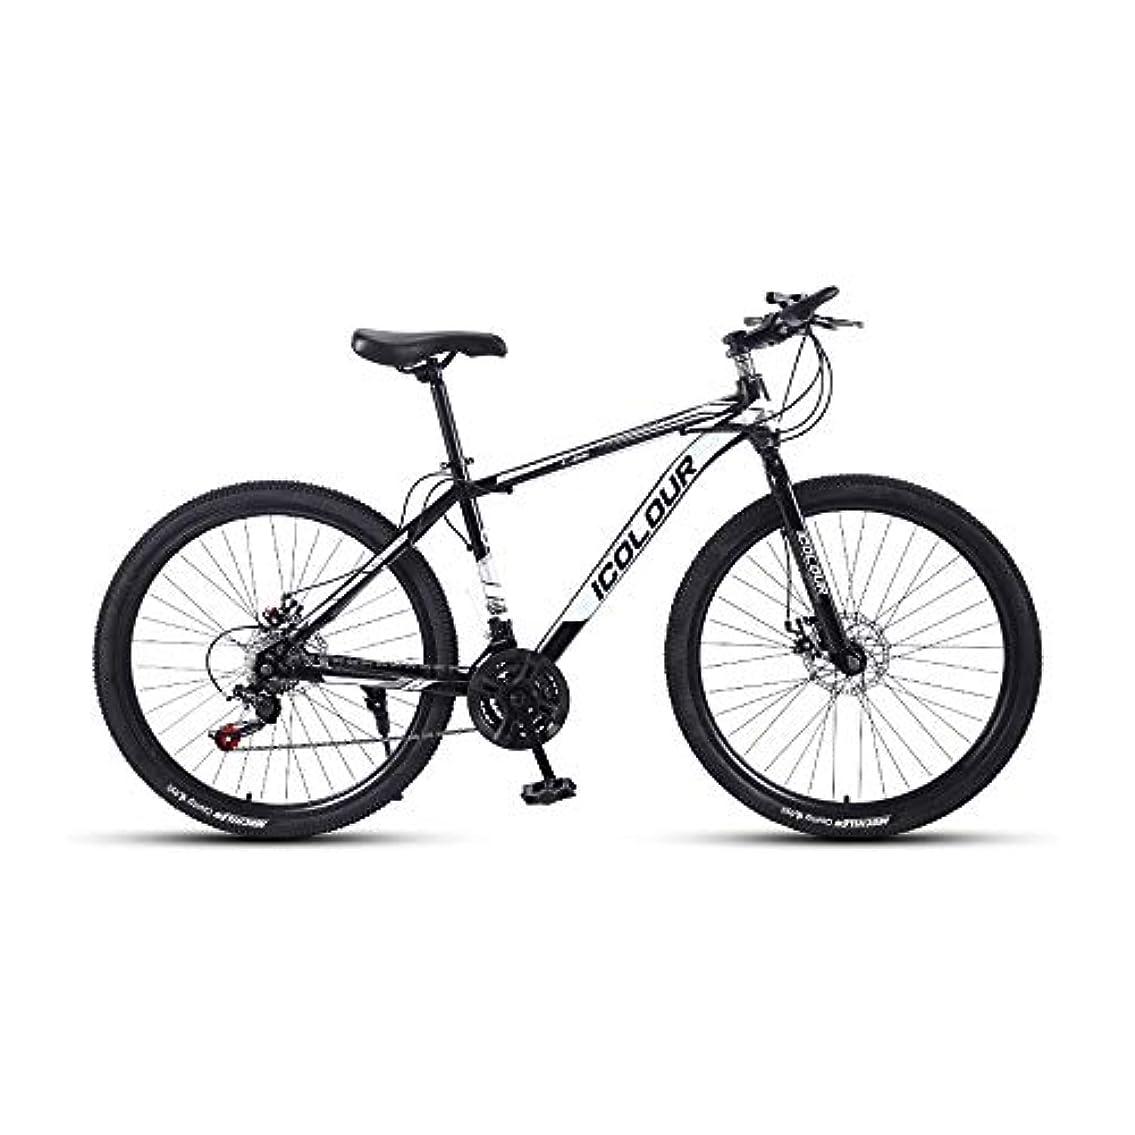 微弱はしご乳剤LRHD マウンテン自転車、大人24速度速度ファッション旅行自転車26インチ男女MTBバイクダブルディスクブレーキ高炭素鋼フレーム大型アウトドアサイクリング自転車アーバントラックバイク(ブラック)